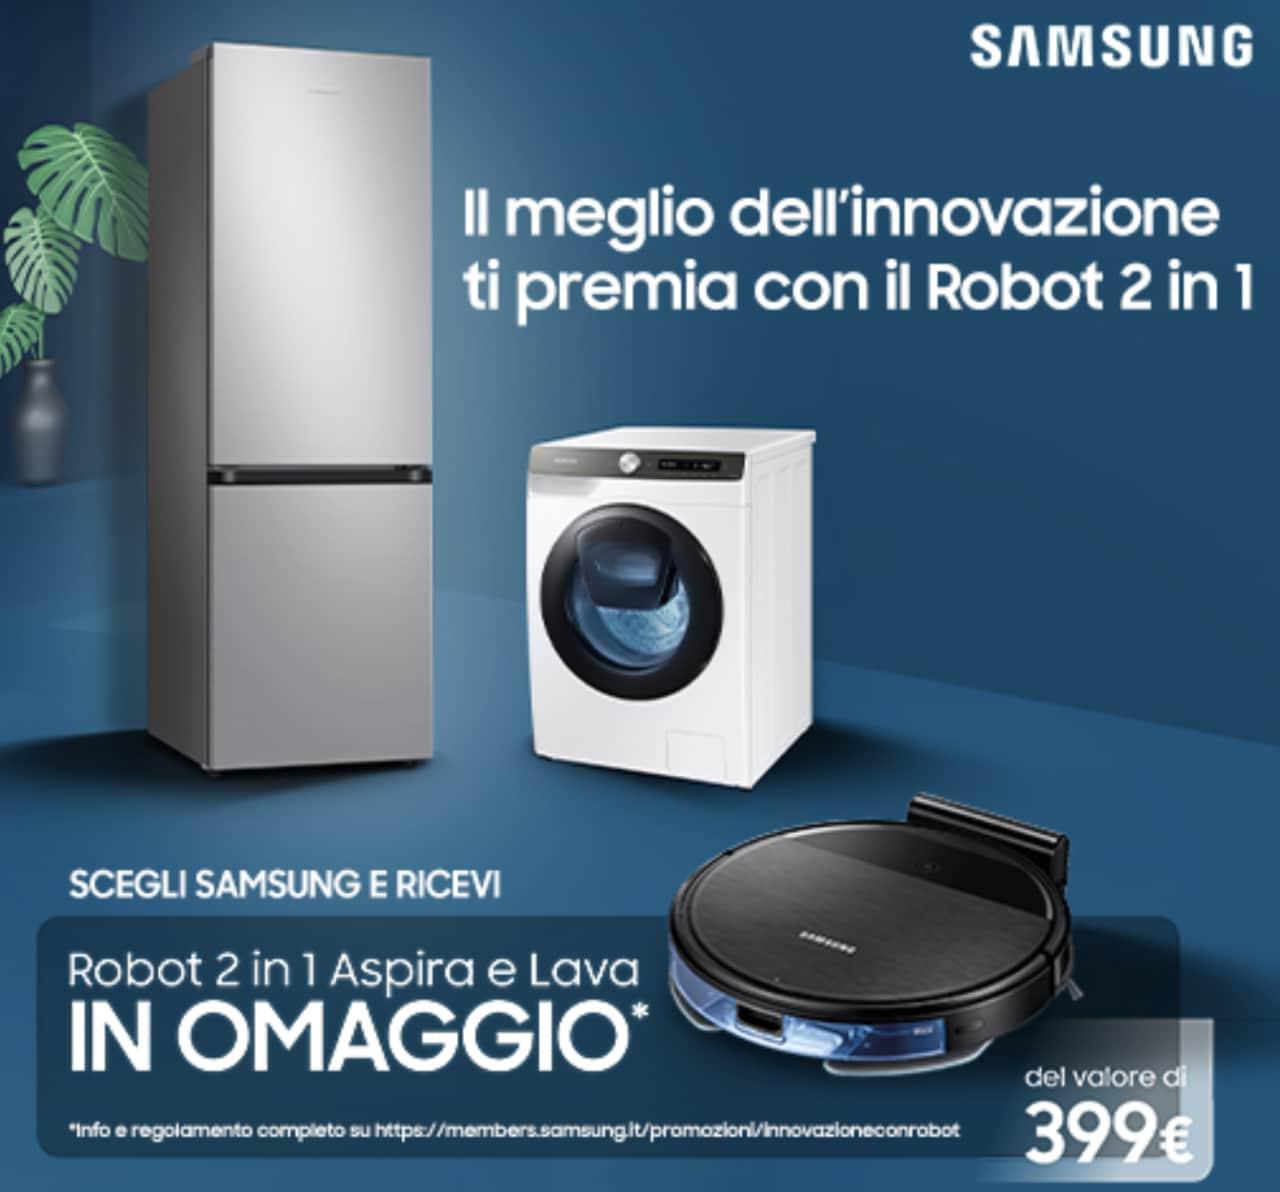 Promo Samsung: scegliendo un suo elettrodomestico si riceve in omaggio il Robot 2-in-1